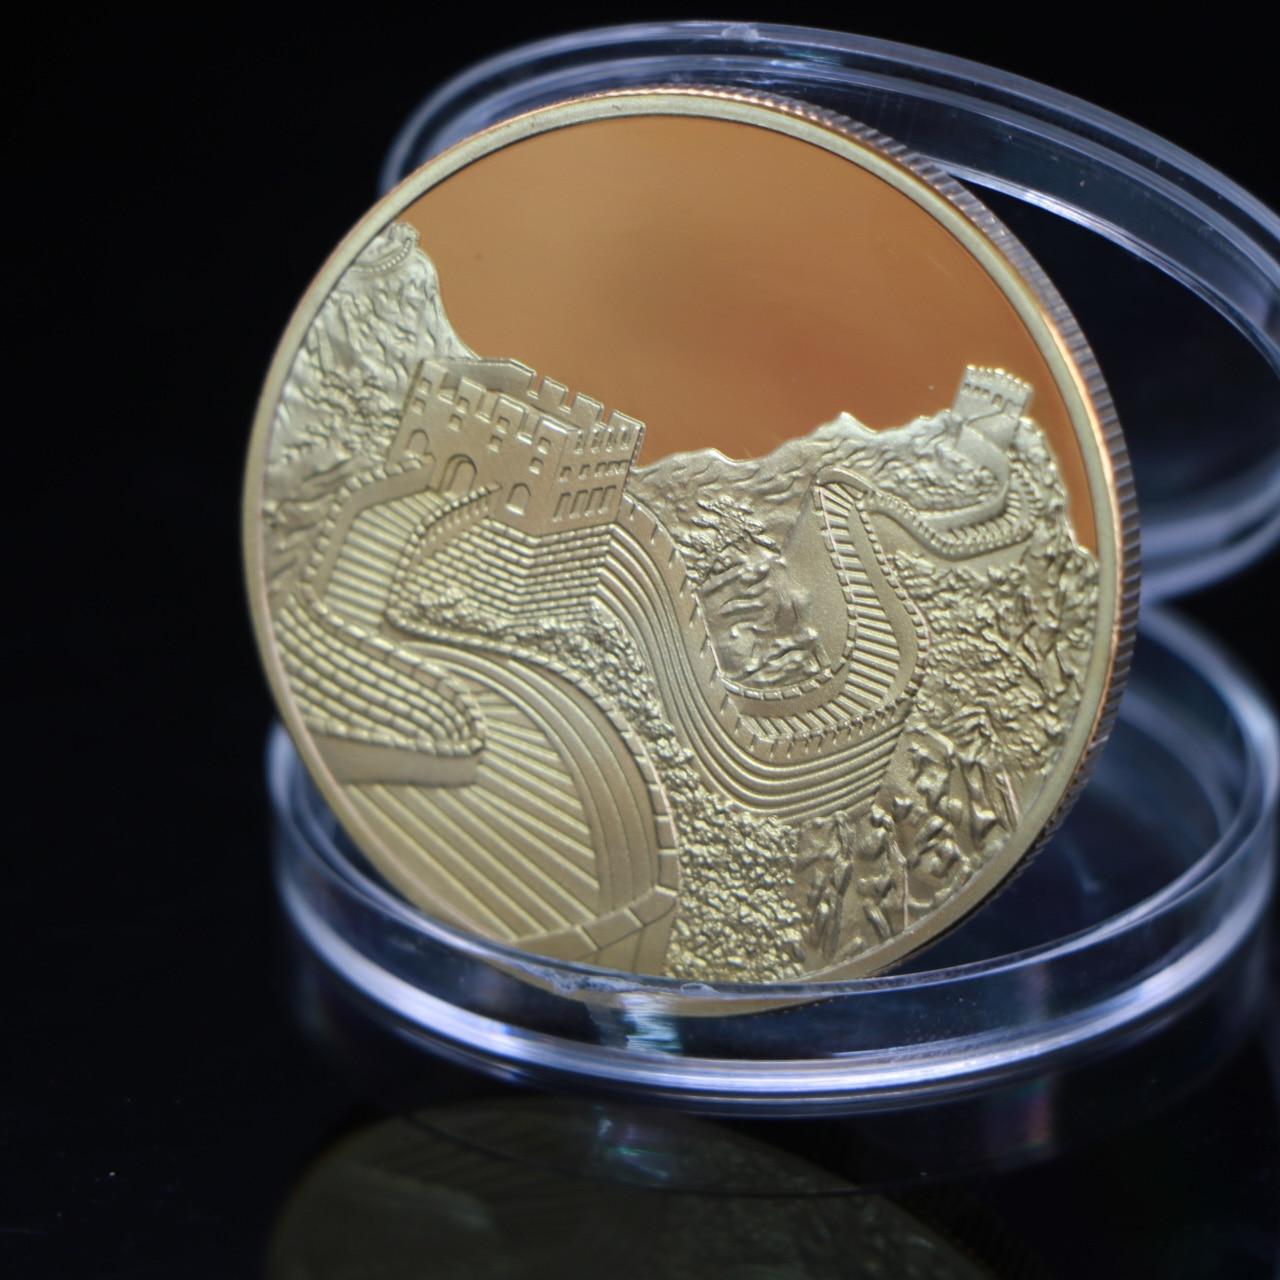 Moneda conmemorativa de la Gran Muralla de China, colección de monedas chapadas en oro del Museo Conmemorativo de la cultura China